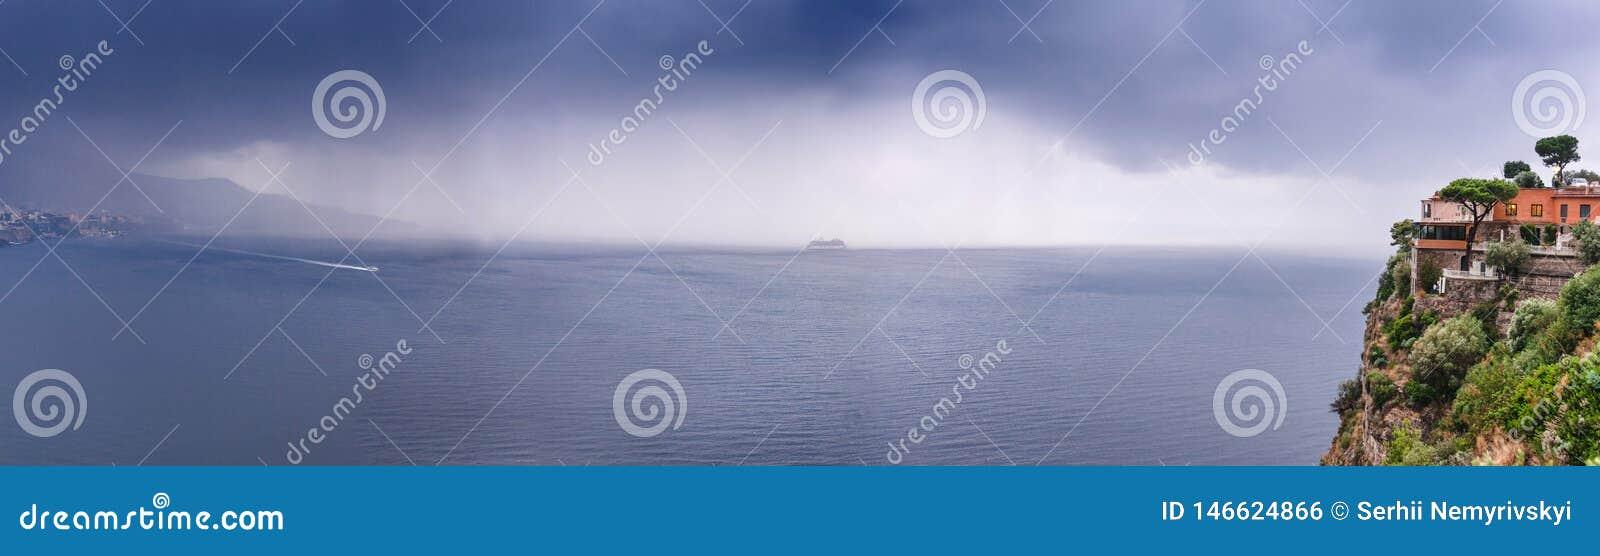 Hotel na borda da montanha, com o prop?sito das nuvens de chuva do mar sobre Sorrento bonito, ba?a do meta em It?lia, curso e